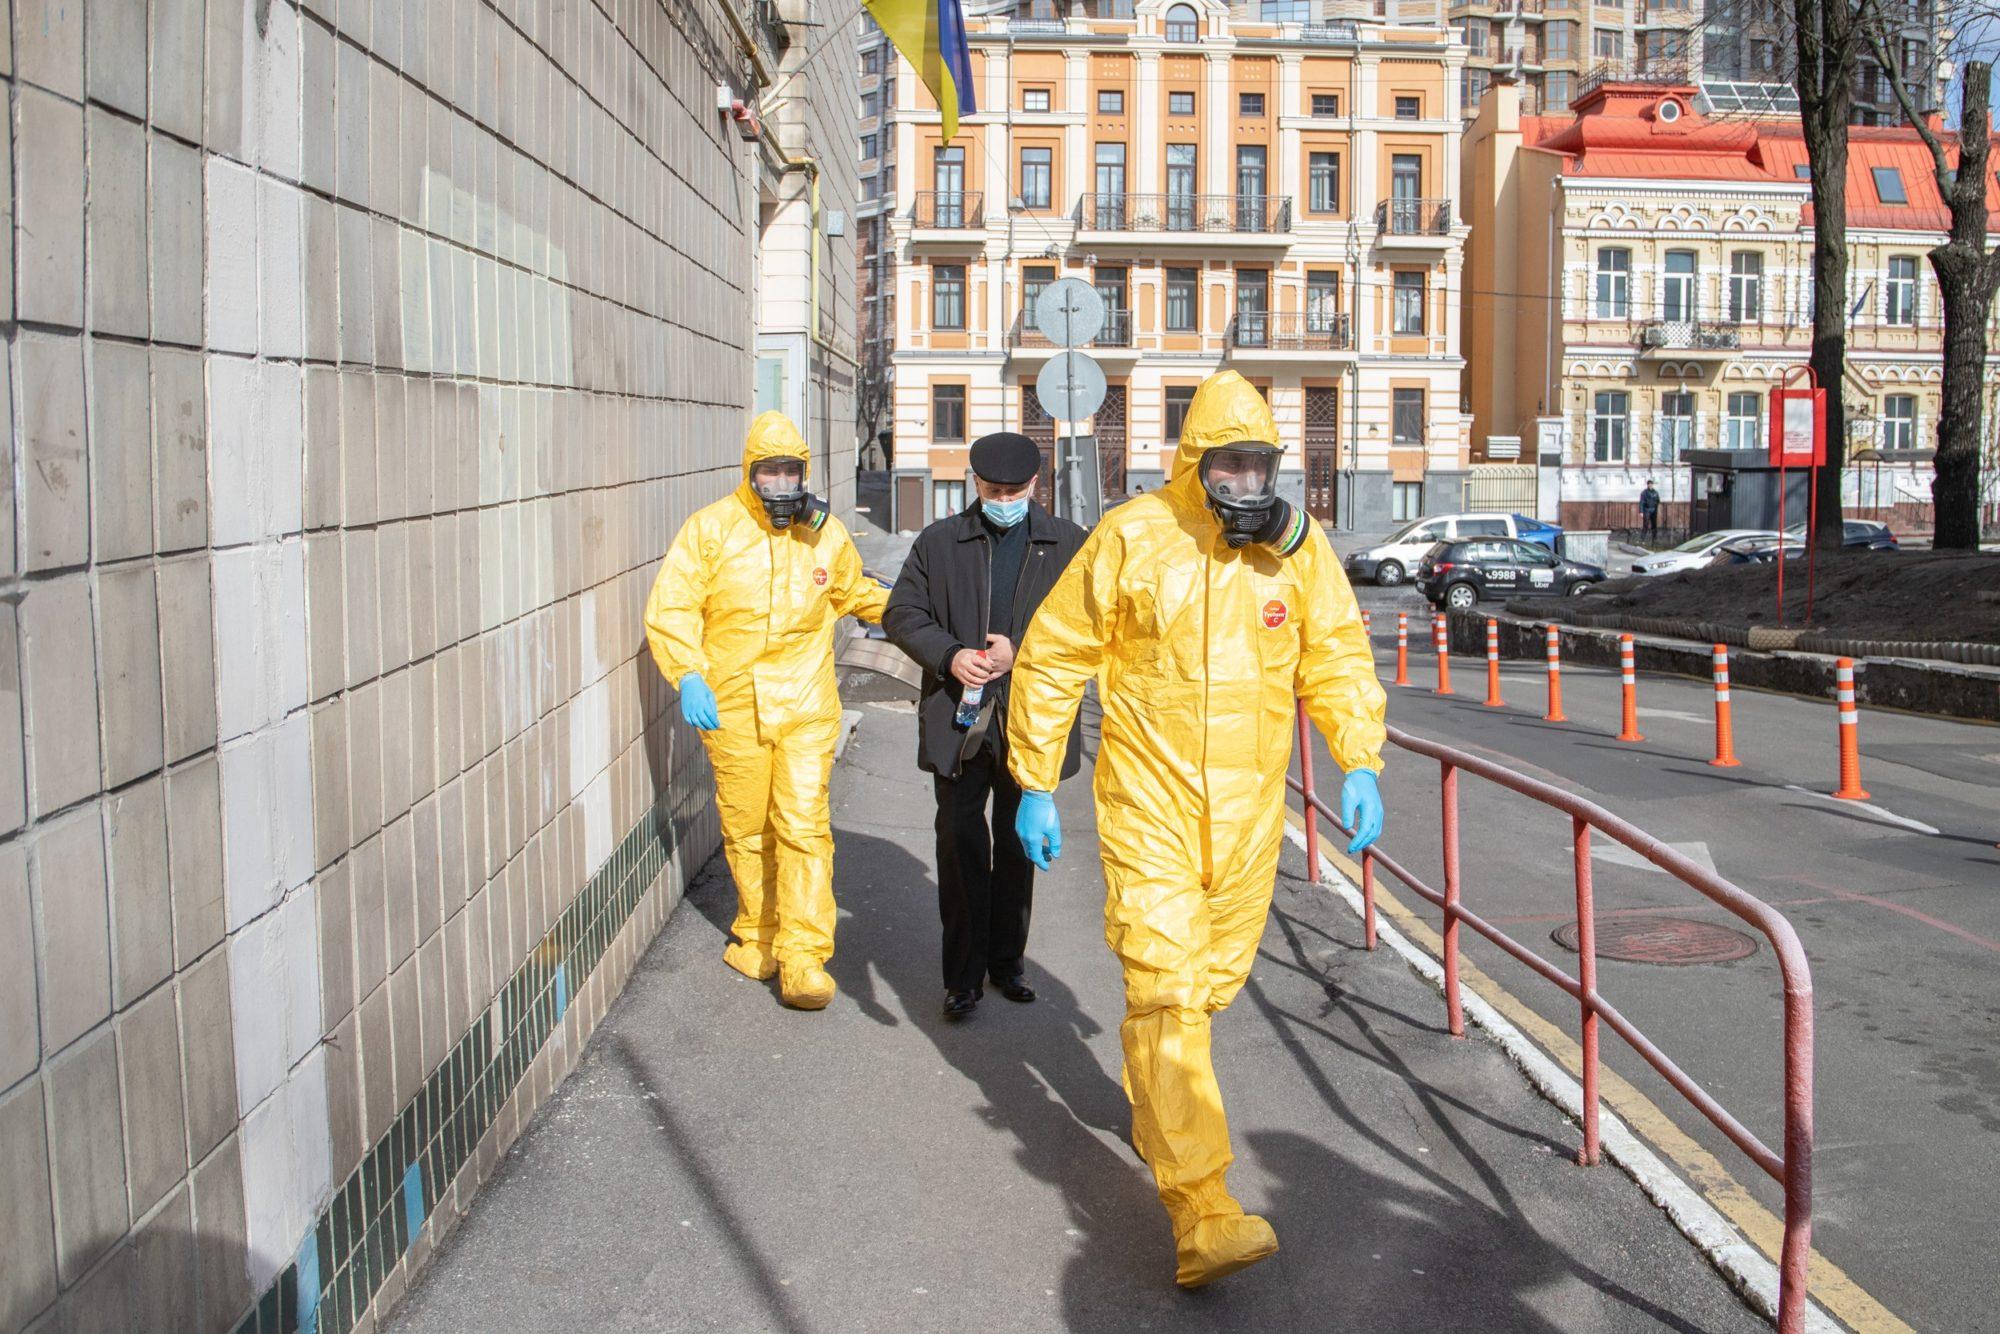 Коли очікувати пік пандемії в Україні: прогнози вчених КПІ - пандемія, коронавірус - pik pandemiyi 2000x1334